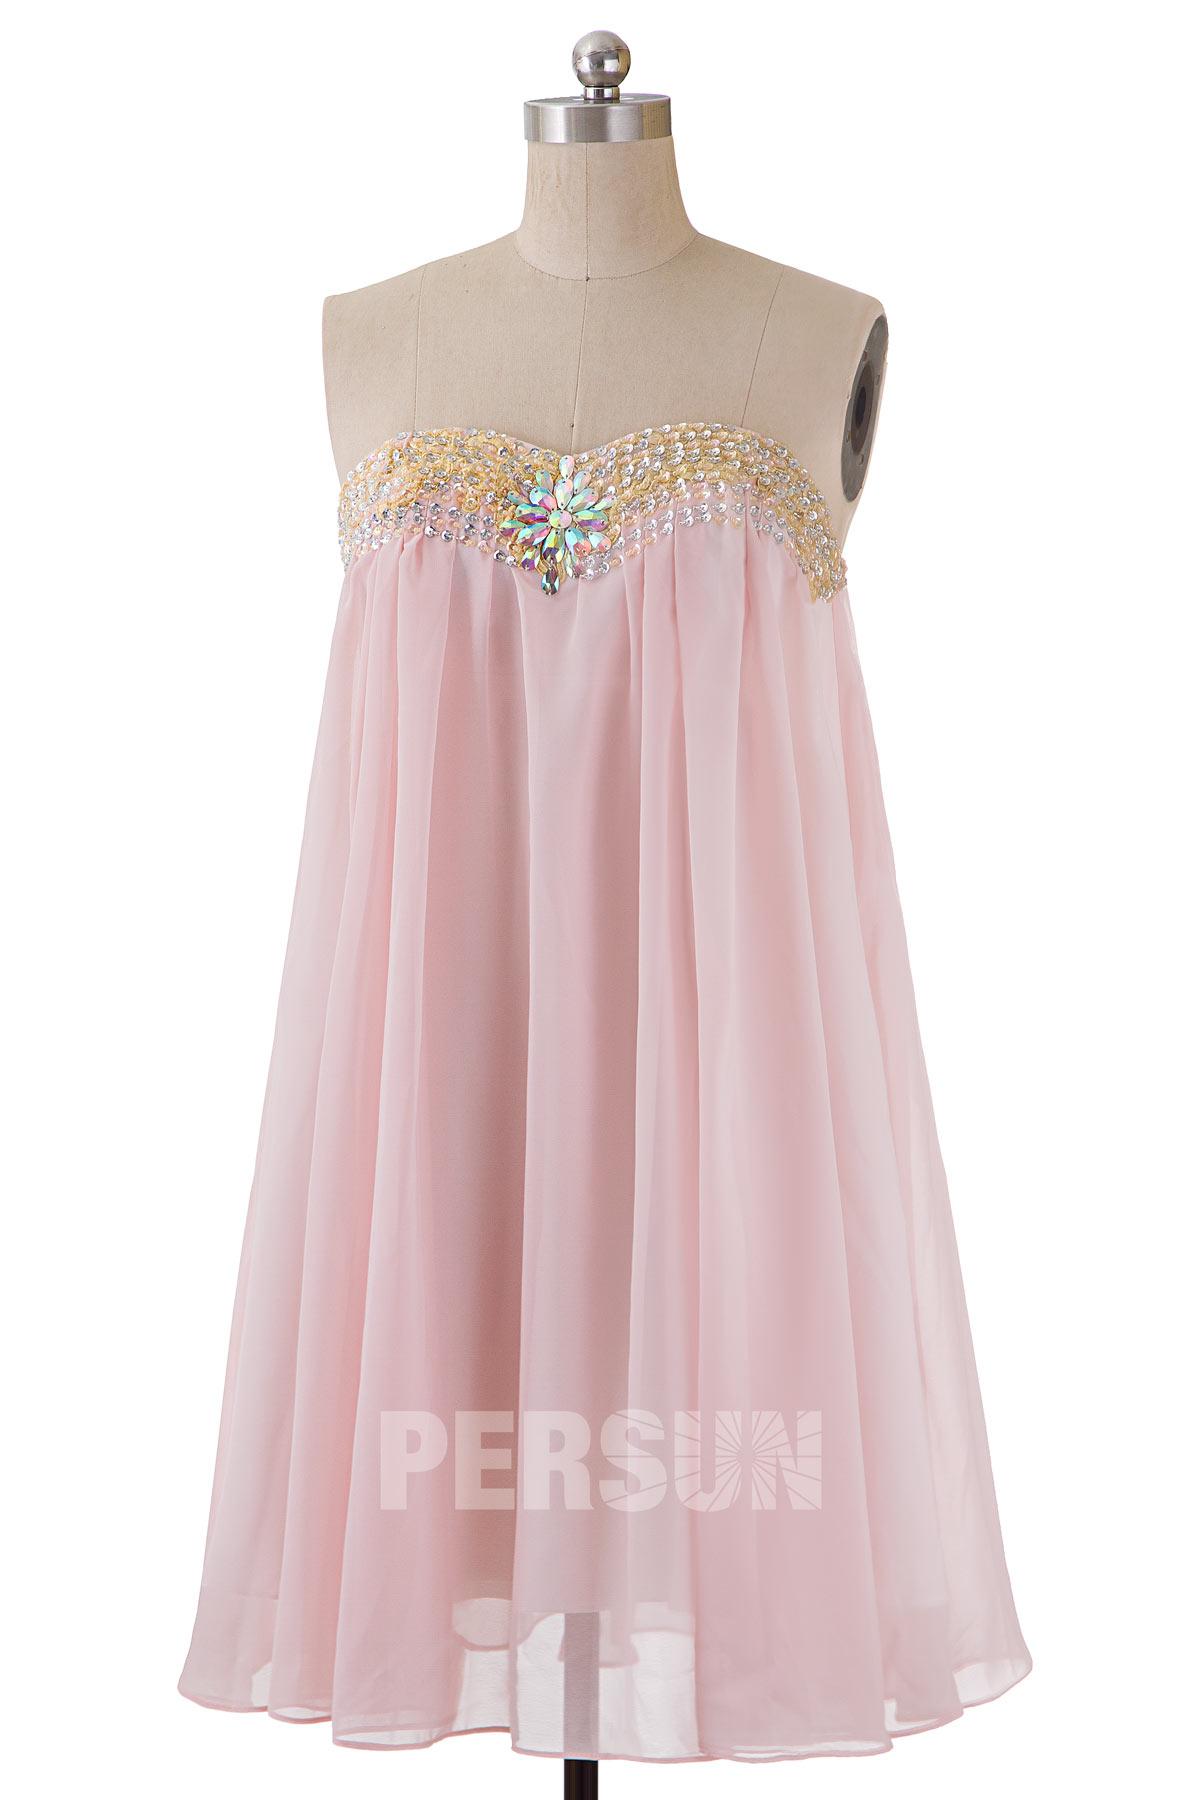 robe babydoll rose pâle courte bustier coeur ornée de strass